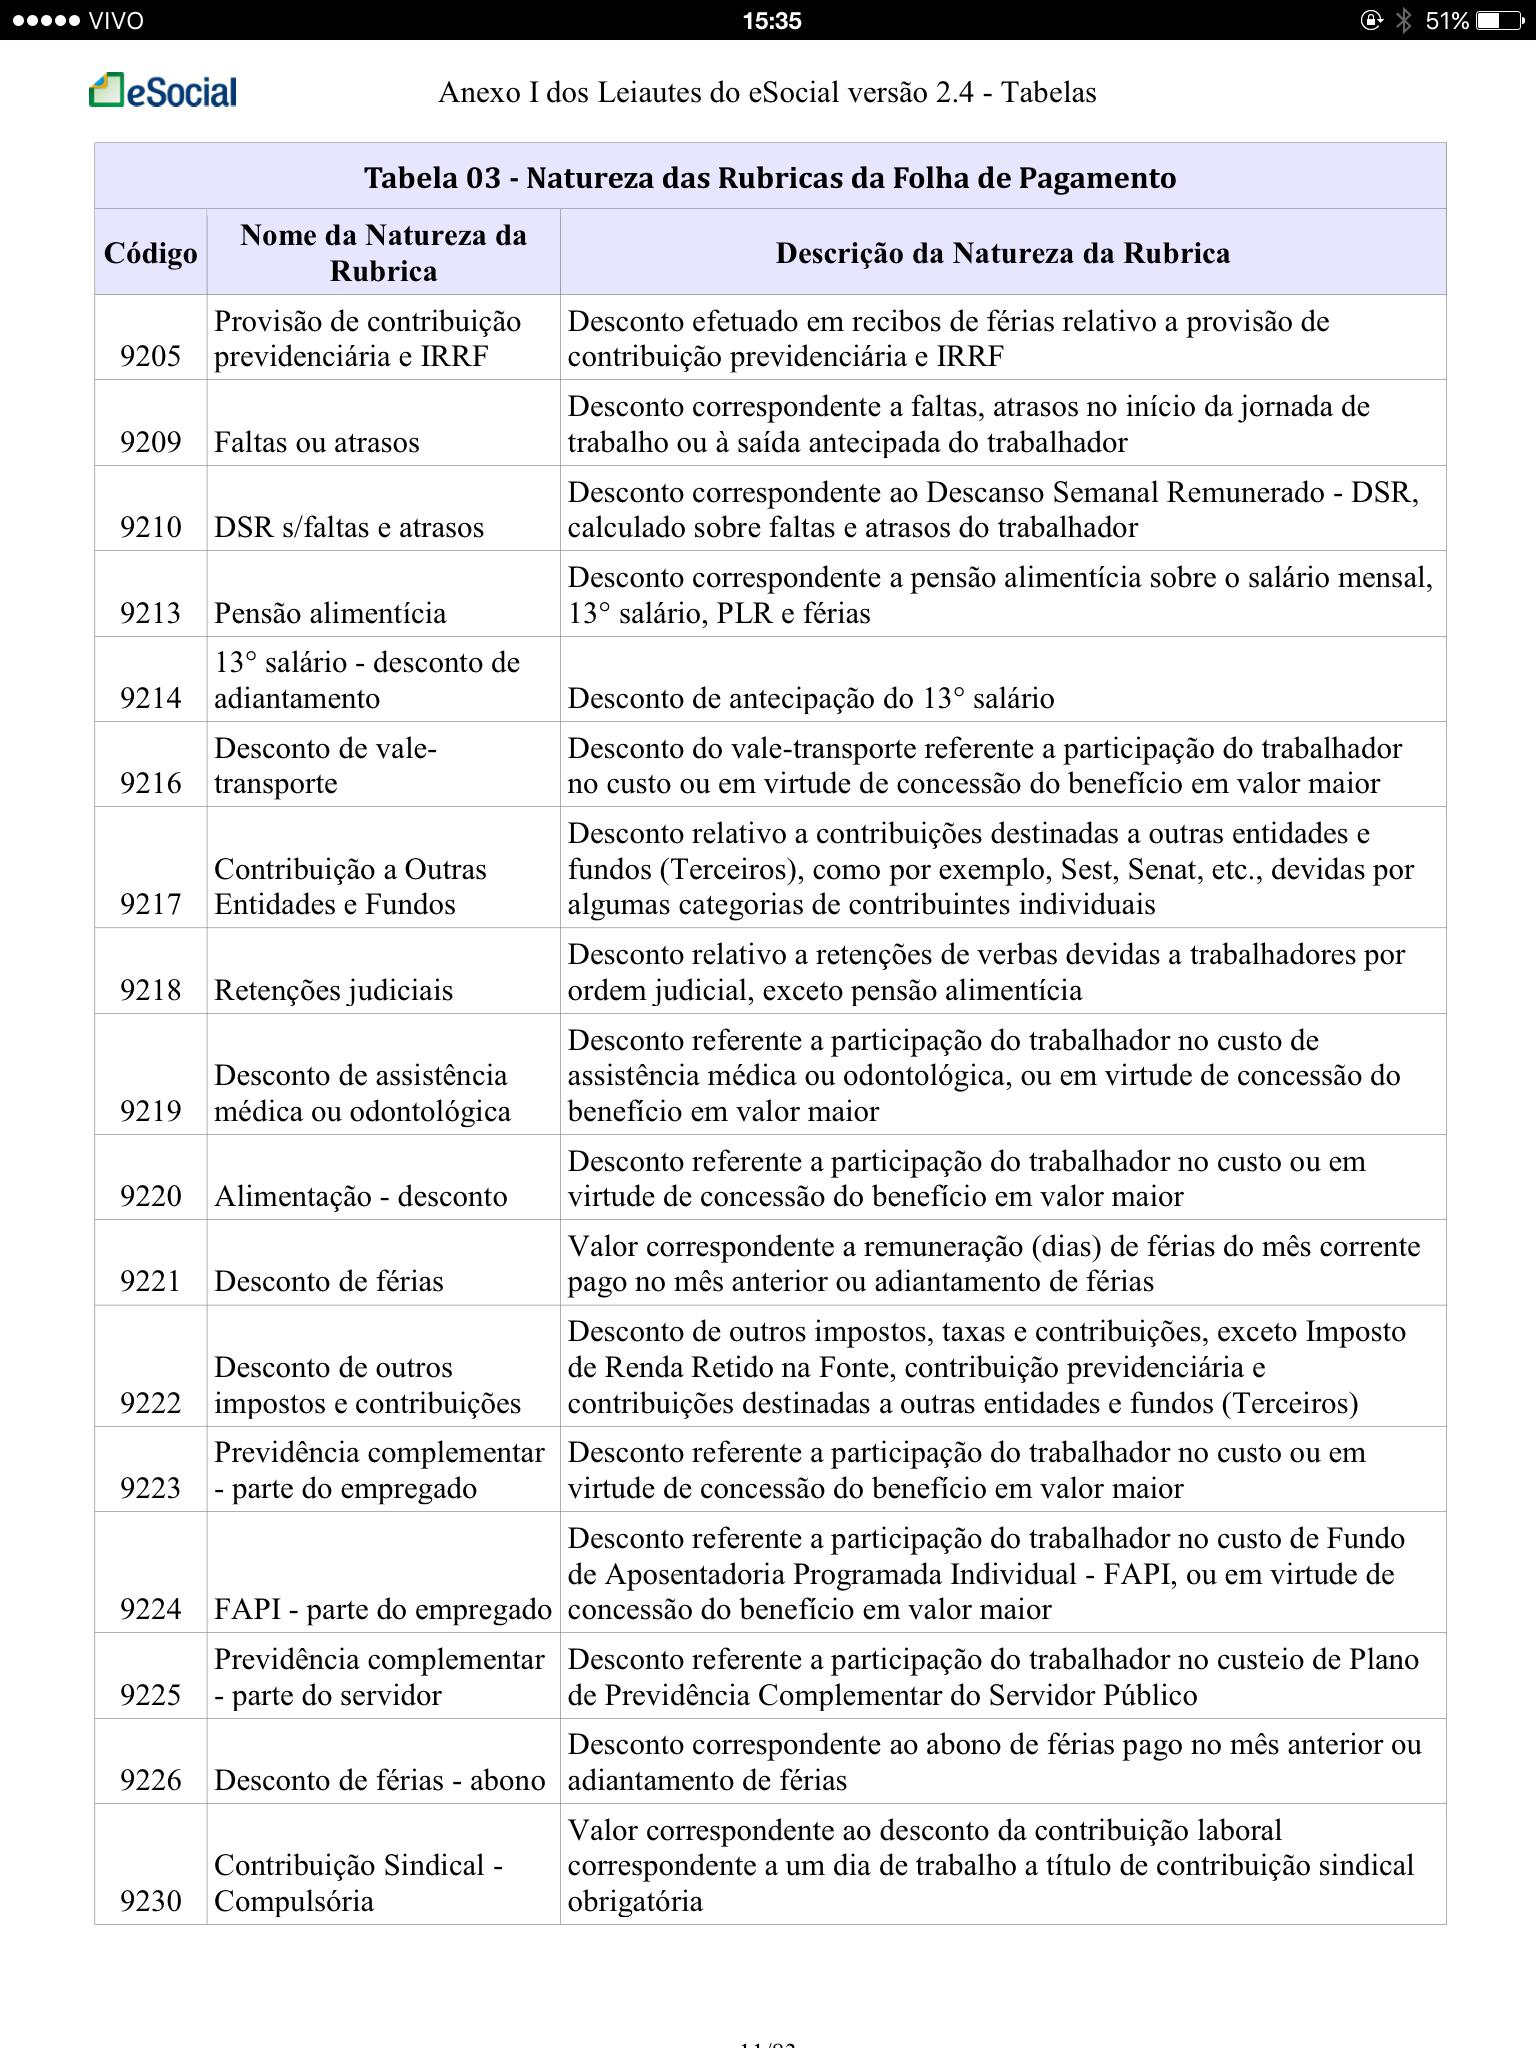 Tabela 3 Natureza das Rubricas da Folha de Pagamento 8